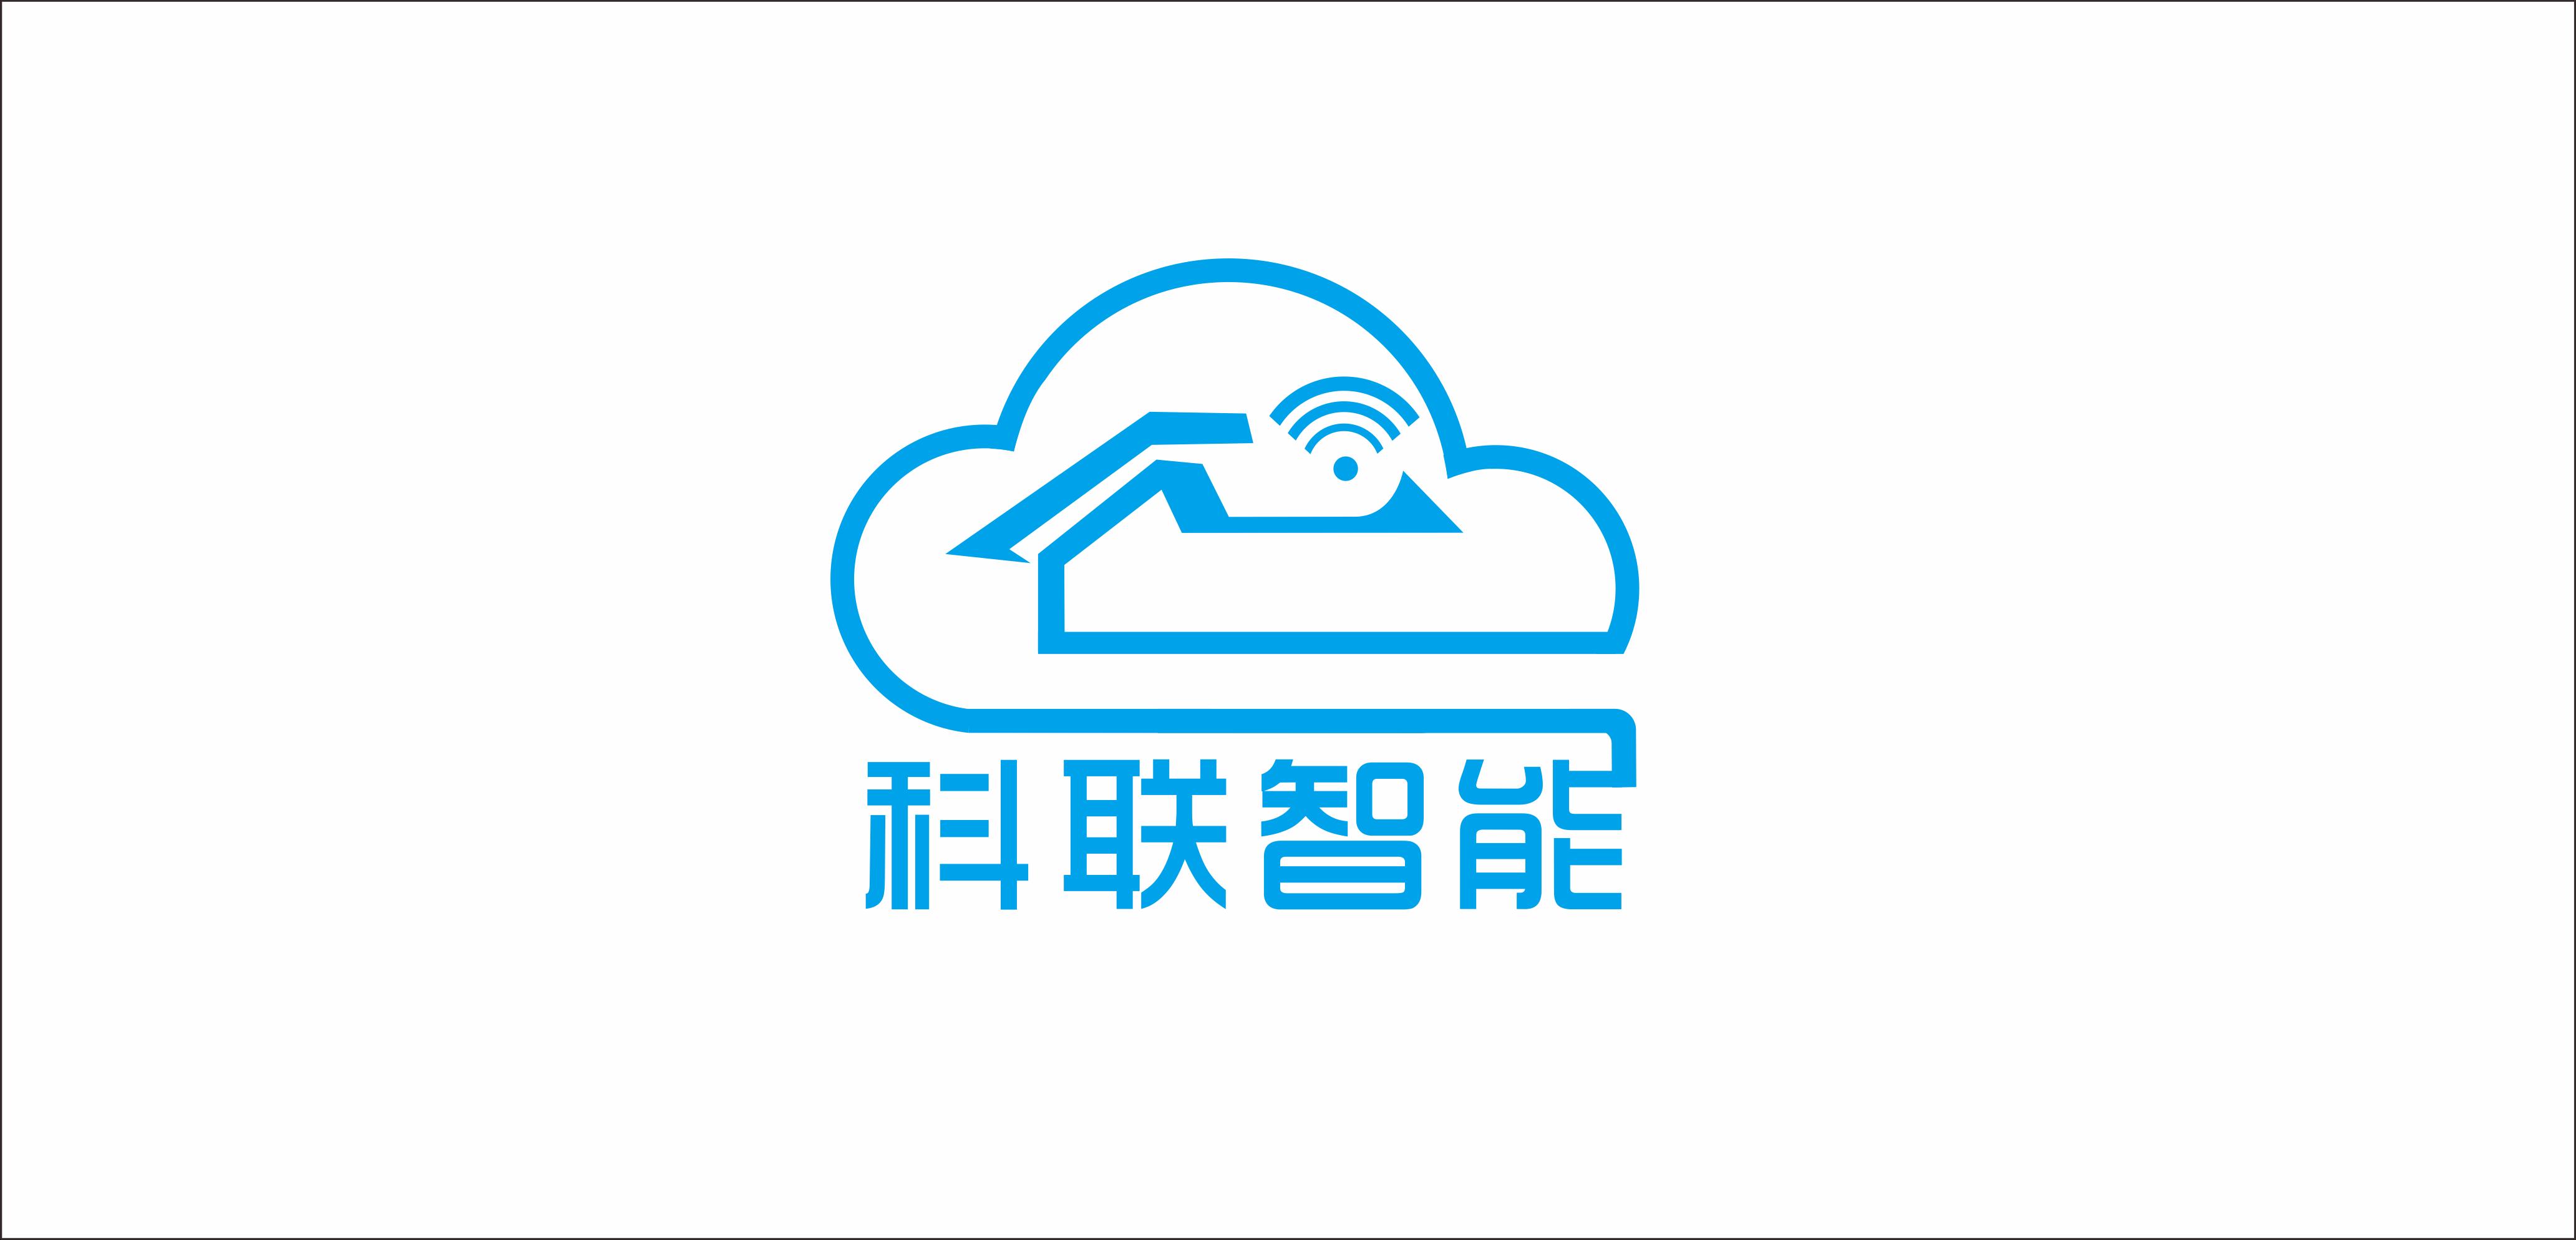 科联装饰设计logo-logo设计,设计2007autocad绘制直线图片